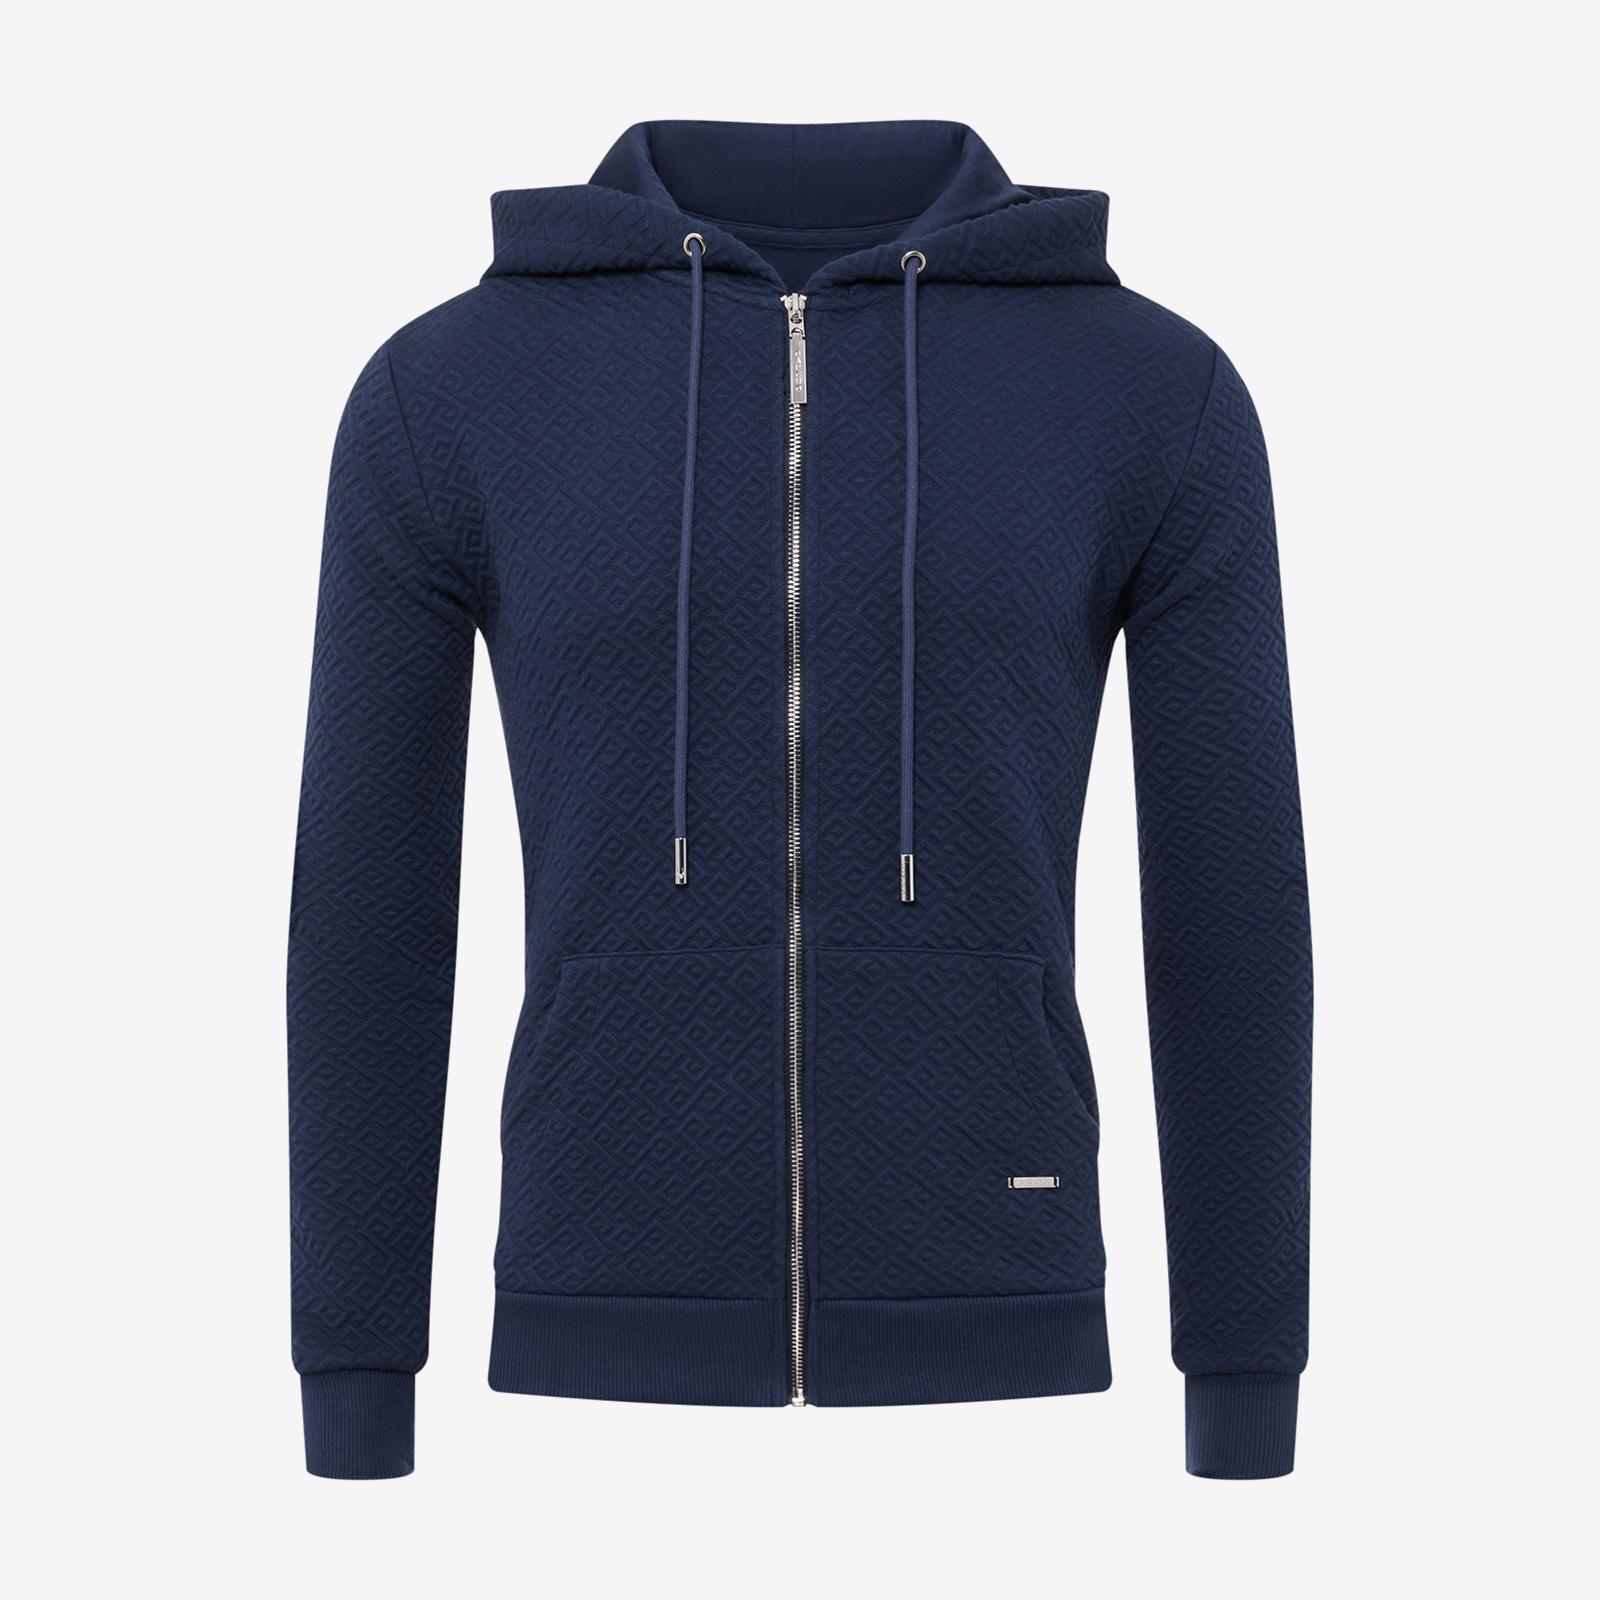 Sports jacket product image